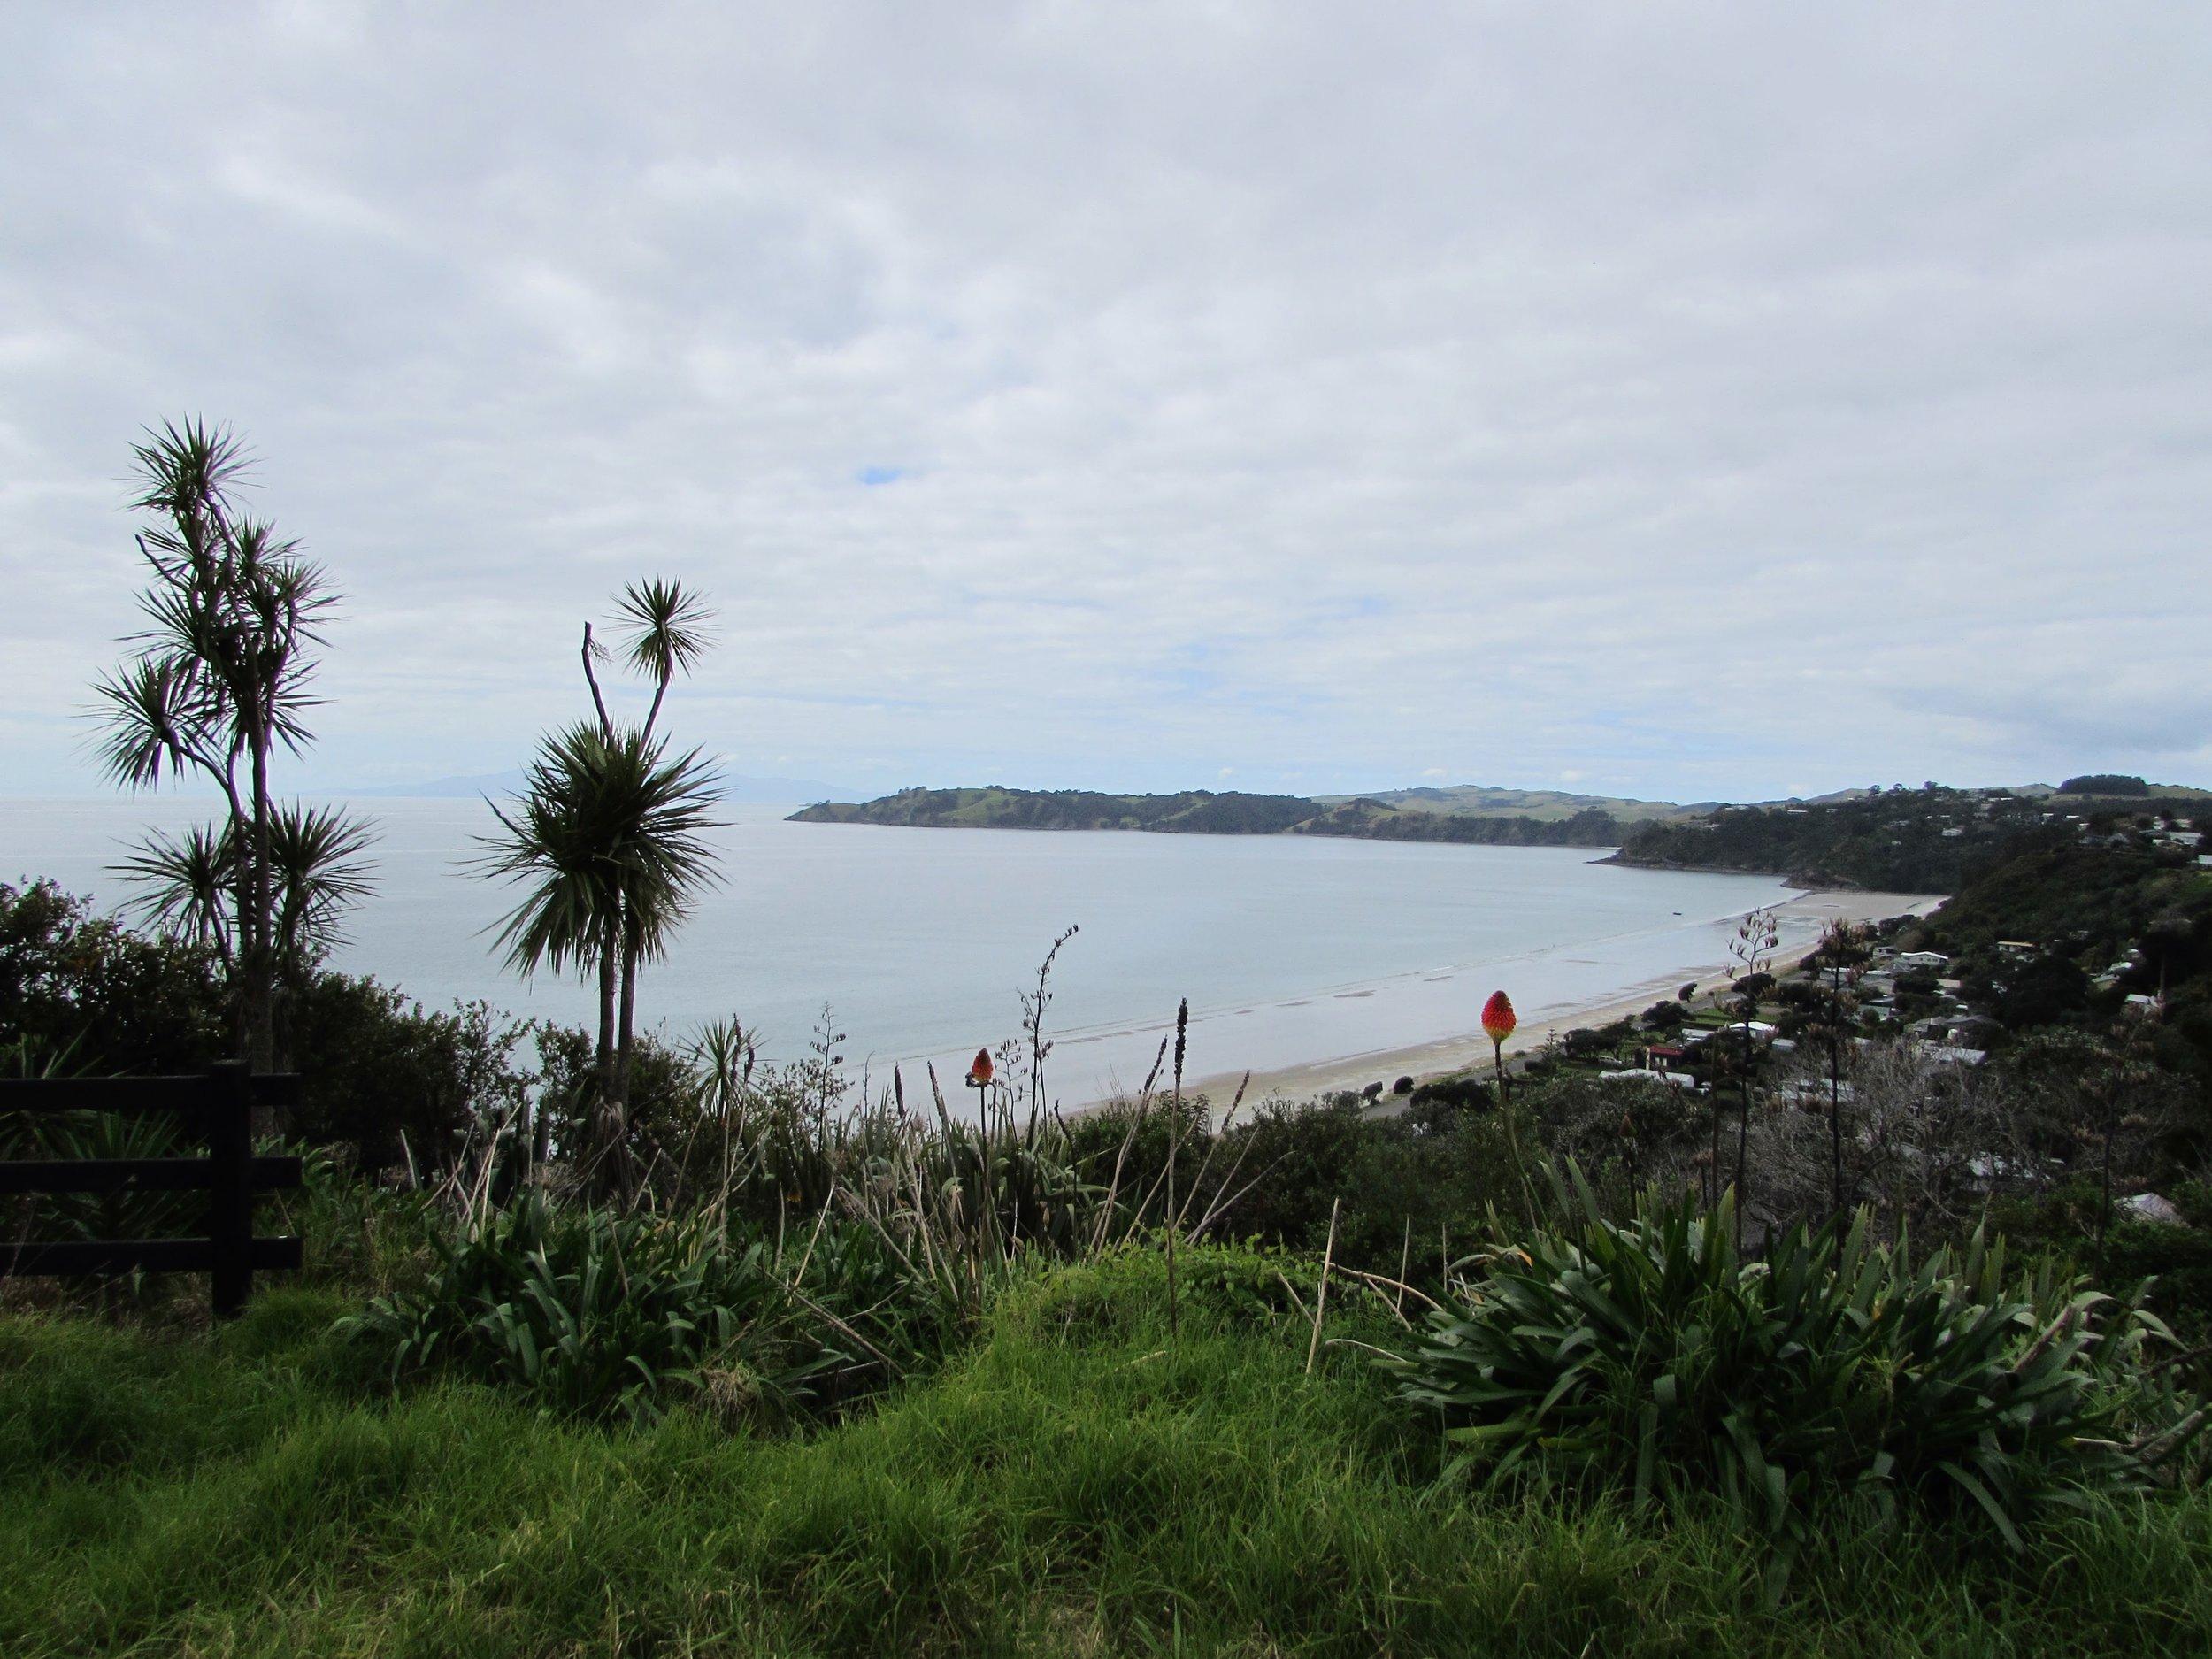 Waiheke's Onetangi Beach, viewed from the roadside above.